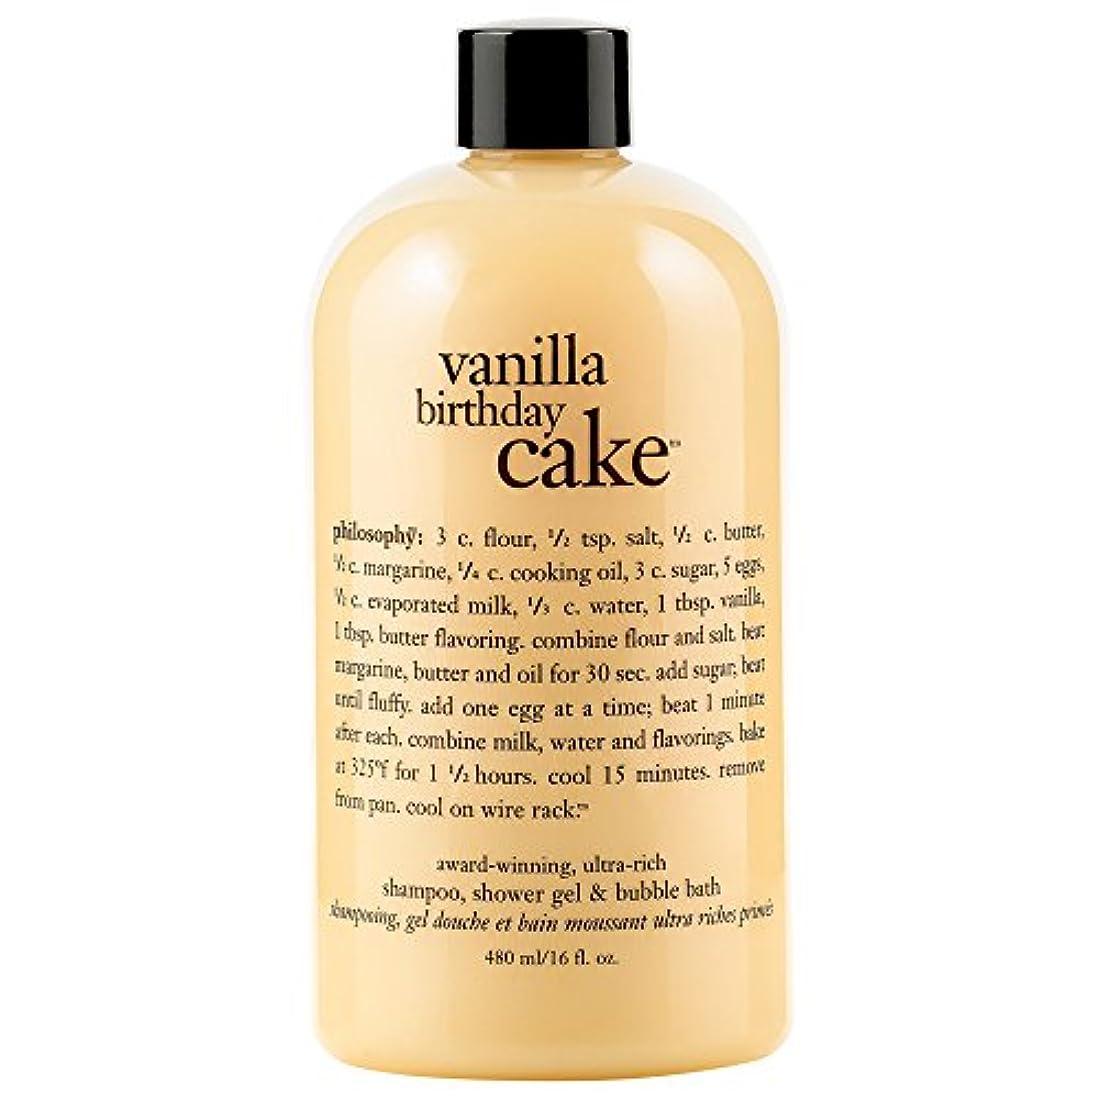 元に戻す酸化する有名な哲学バニラバースデーケーキシャンプー/シャワージェル/バブルバス480ミリリットル (Philosophy) - Philosophy Vanilla Birthday Cake Shampoo/Shower Gel/Bubble Bath 480ml [並行輸入品]